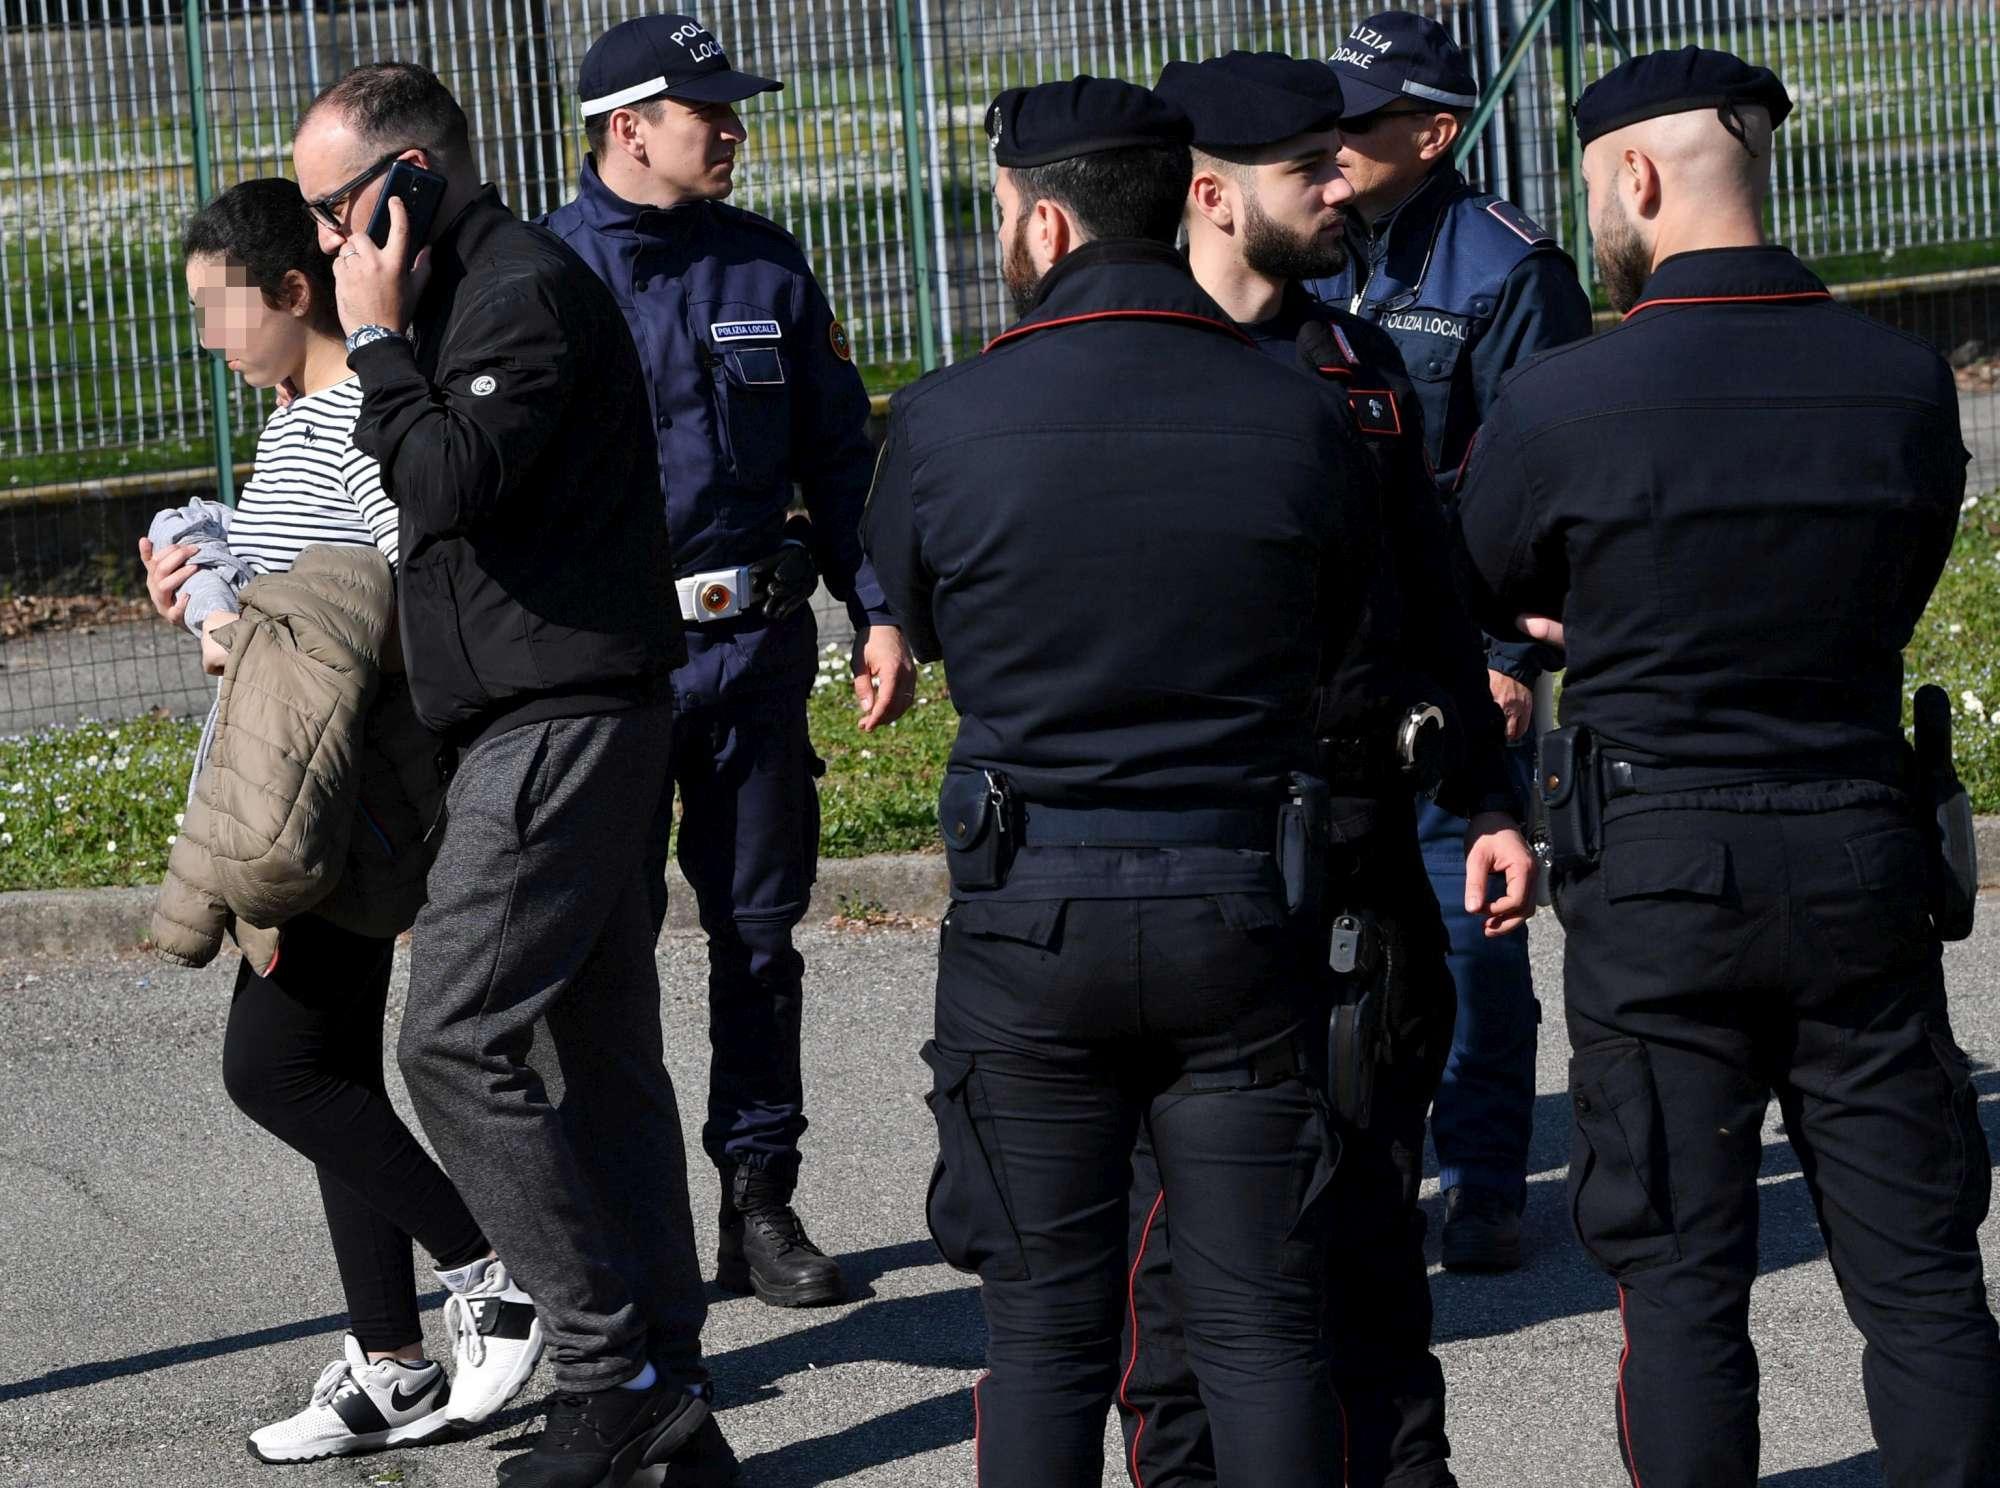 Bus dirottato a Milano, il terrore sul volto degli studenti